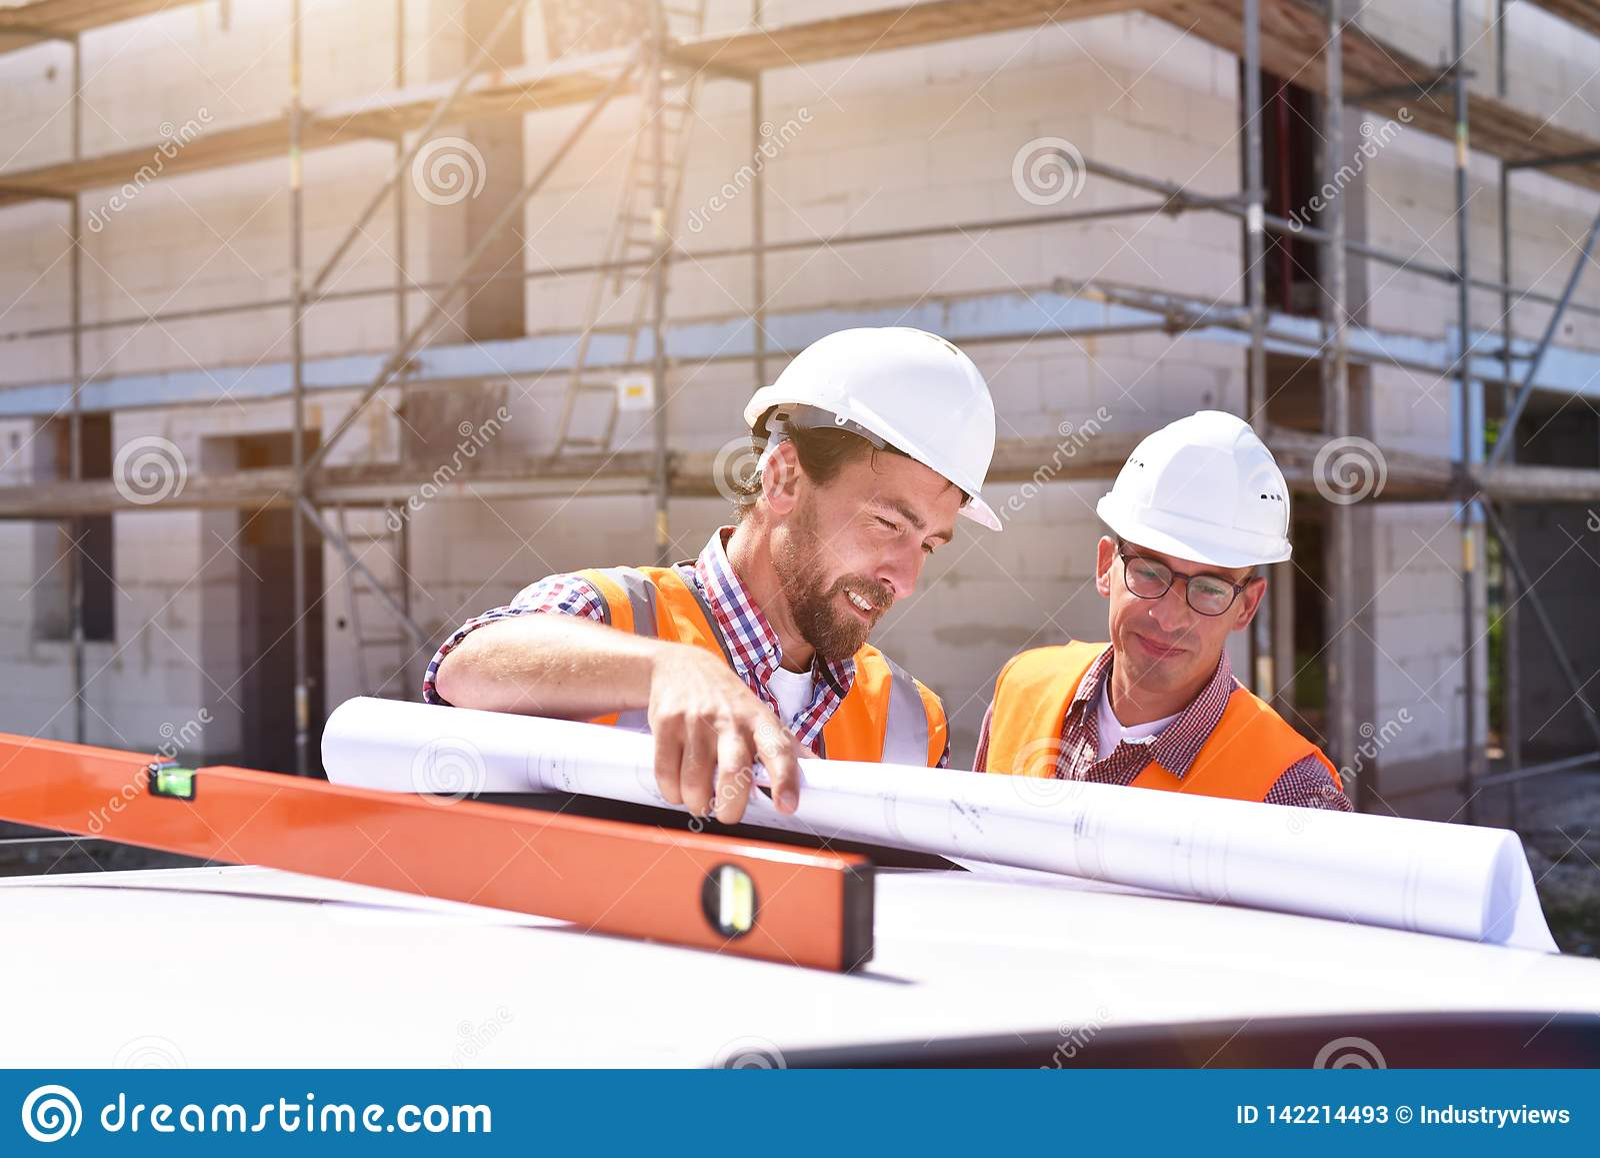 Bouwmanager en architect op plaats tijdens de bouw van een huis - planning en controle op plaats - groepswerk